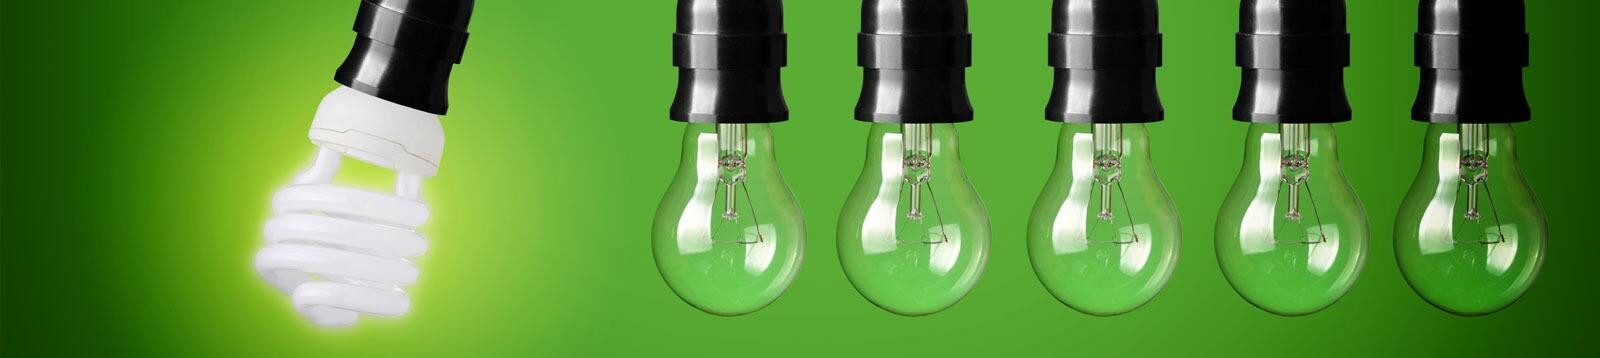 eficiencia energetica blog